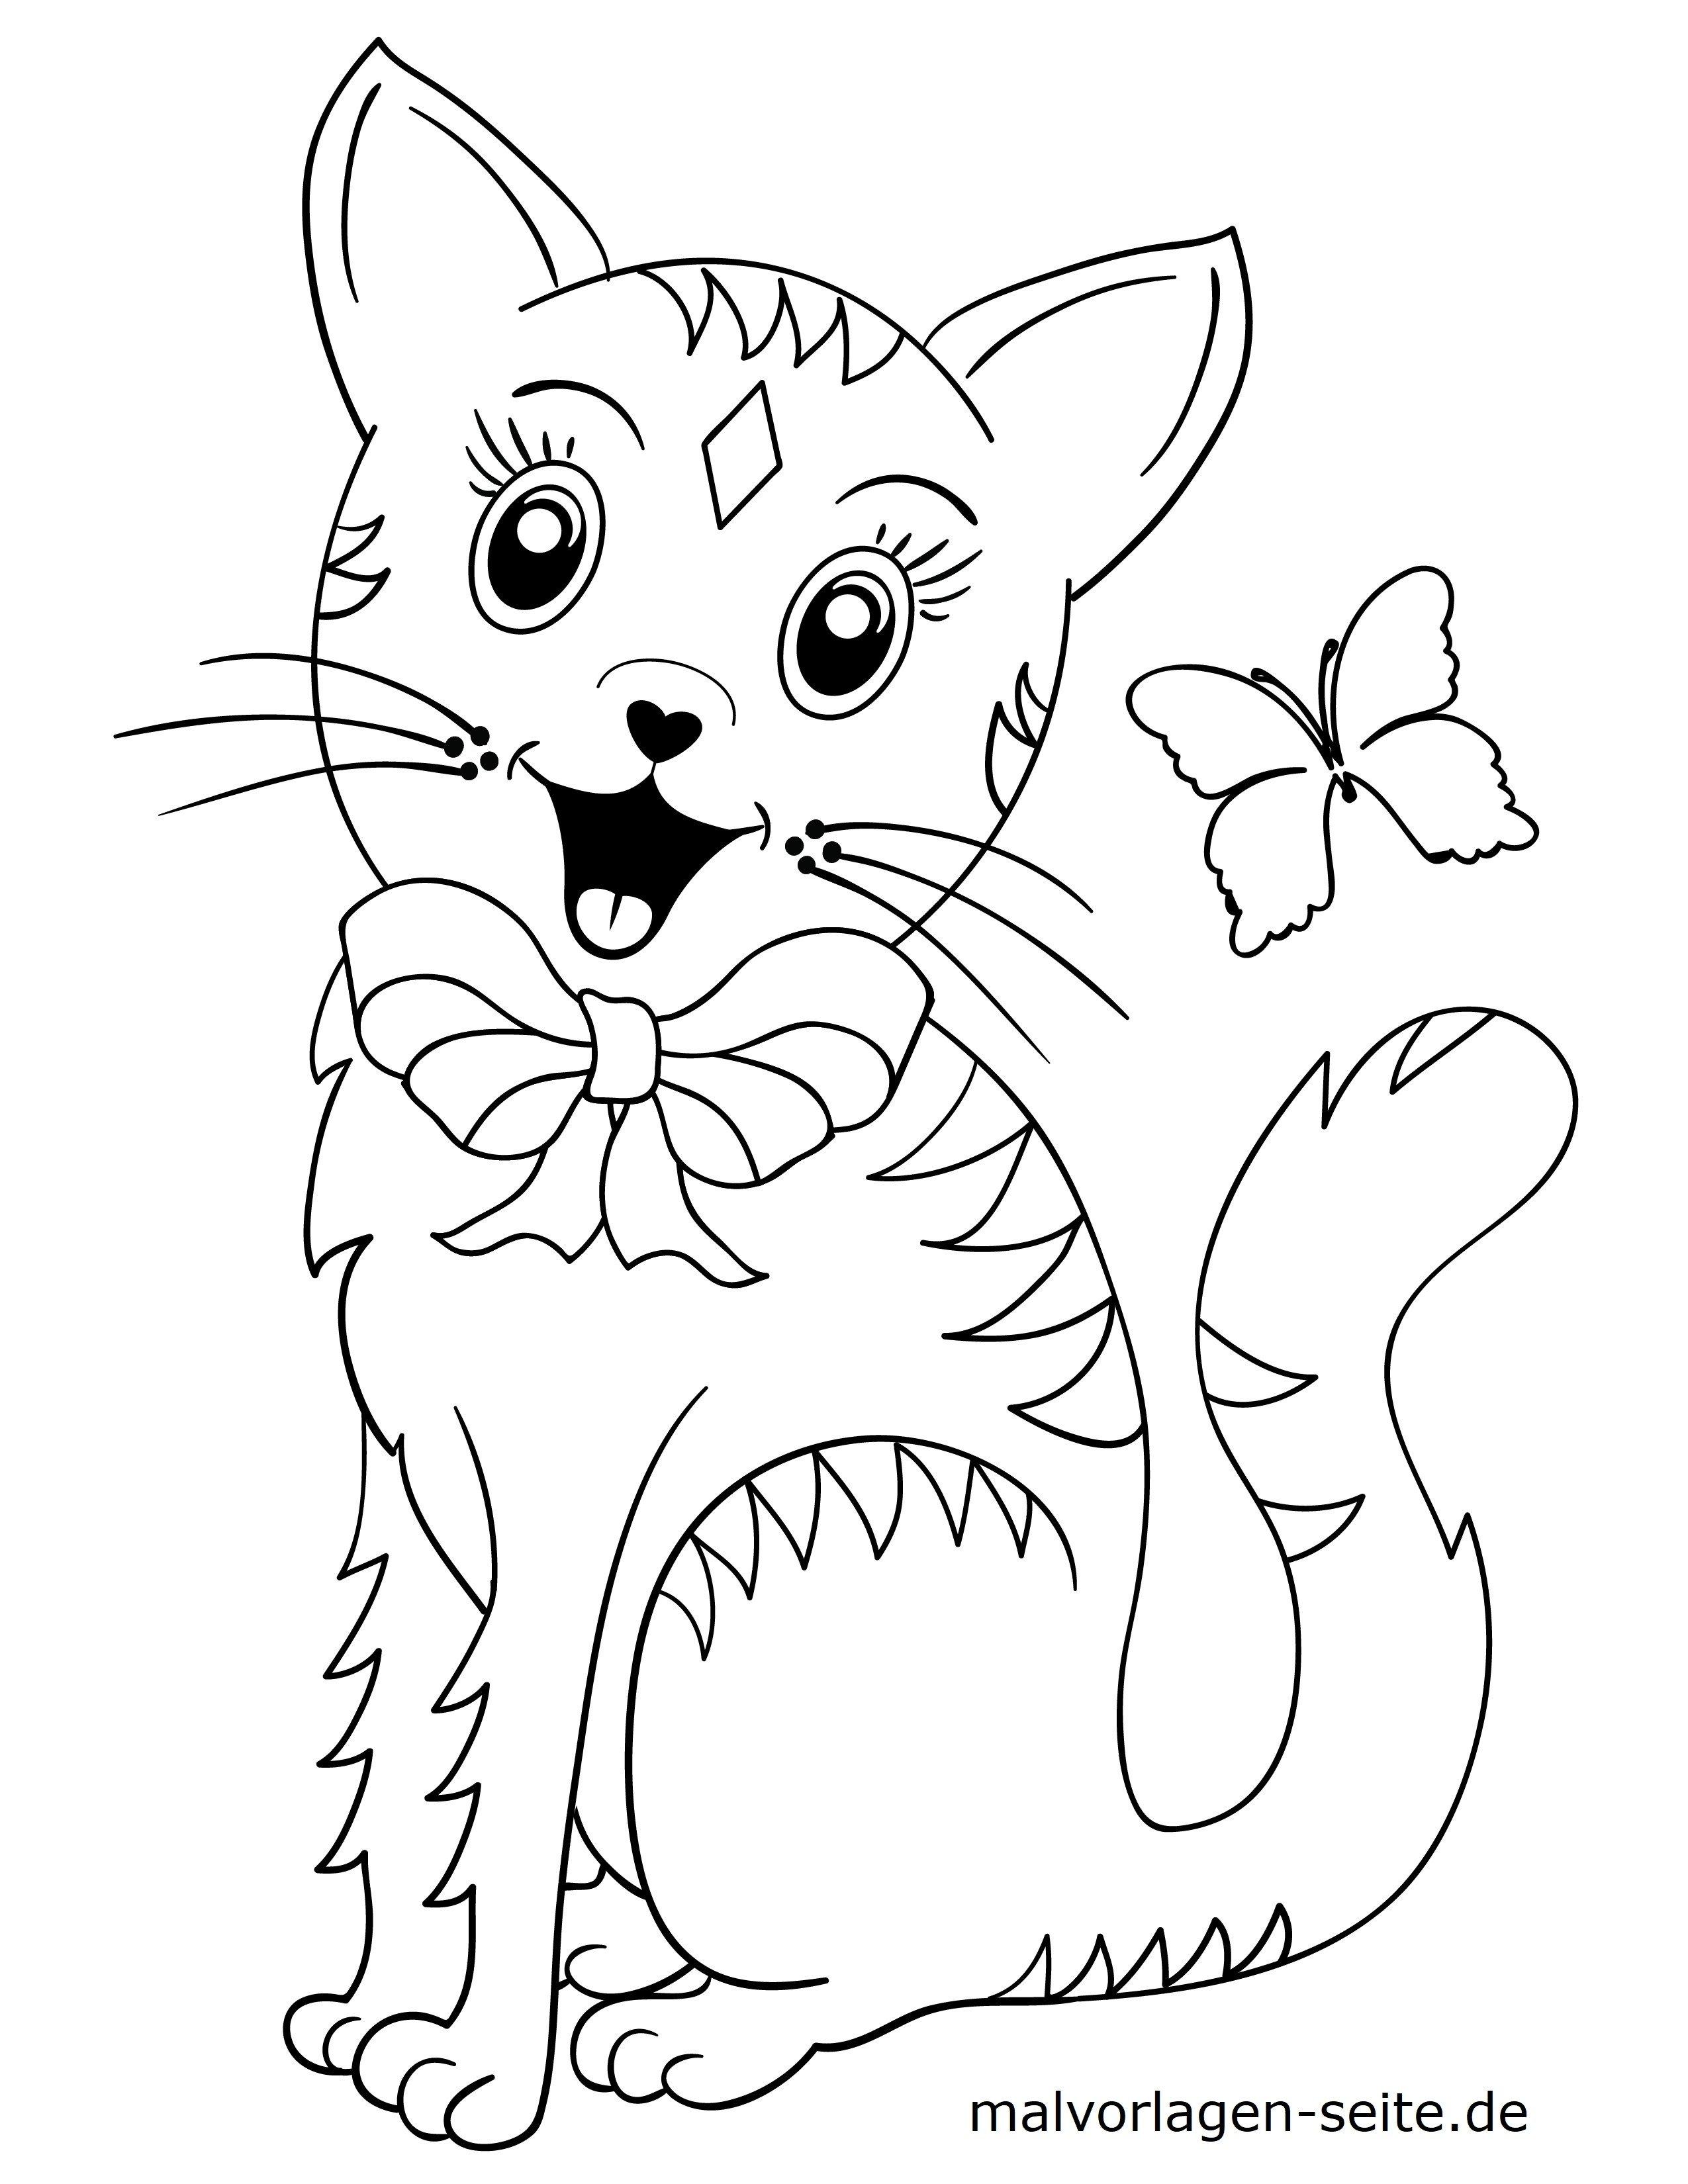 Malvorlage kleine Kinder - Katze - Kostenlose Ausmalbilder